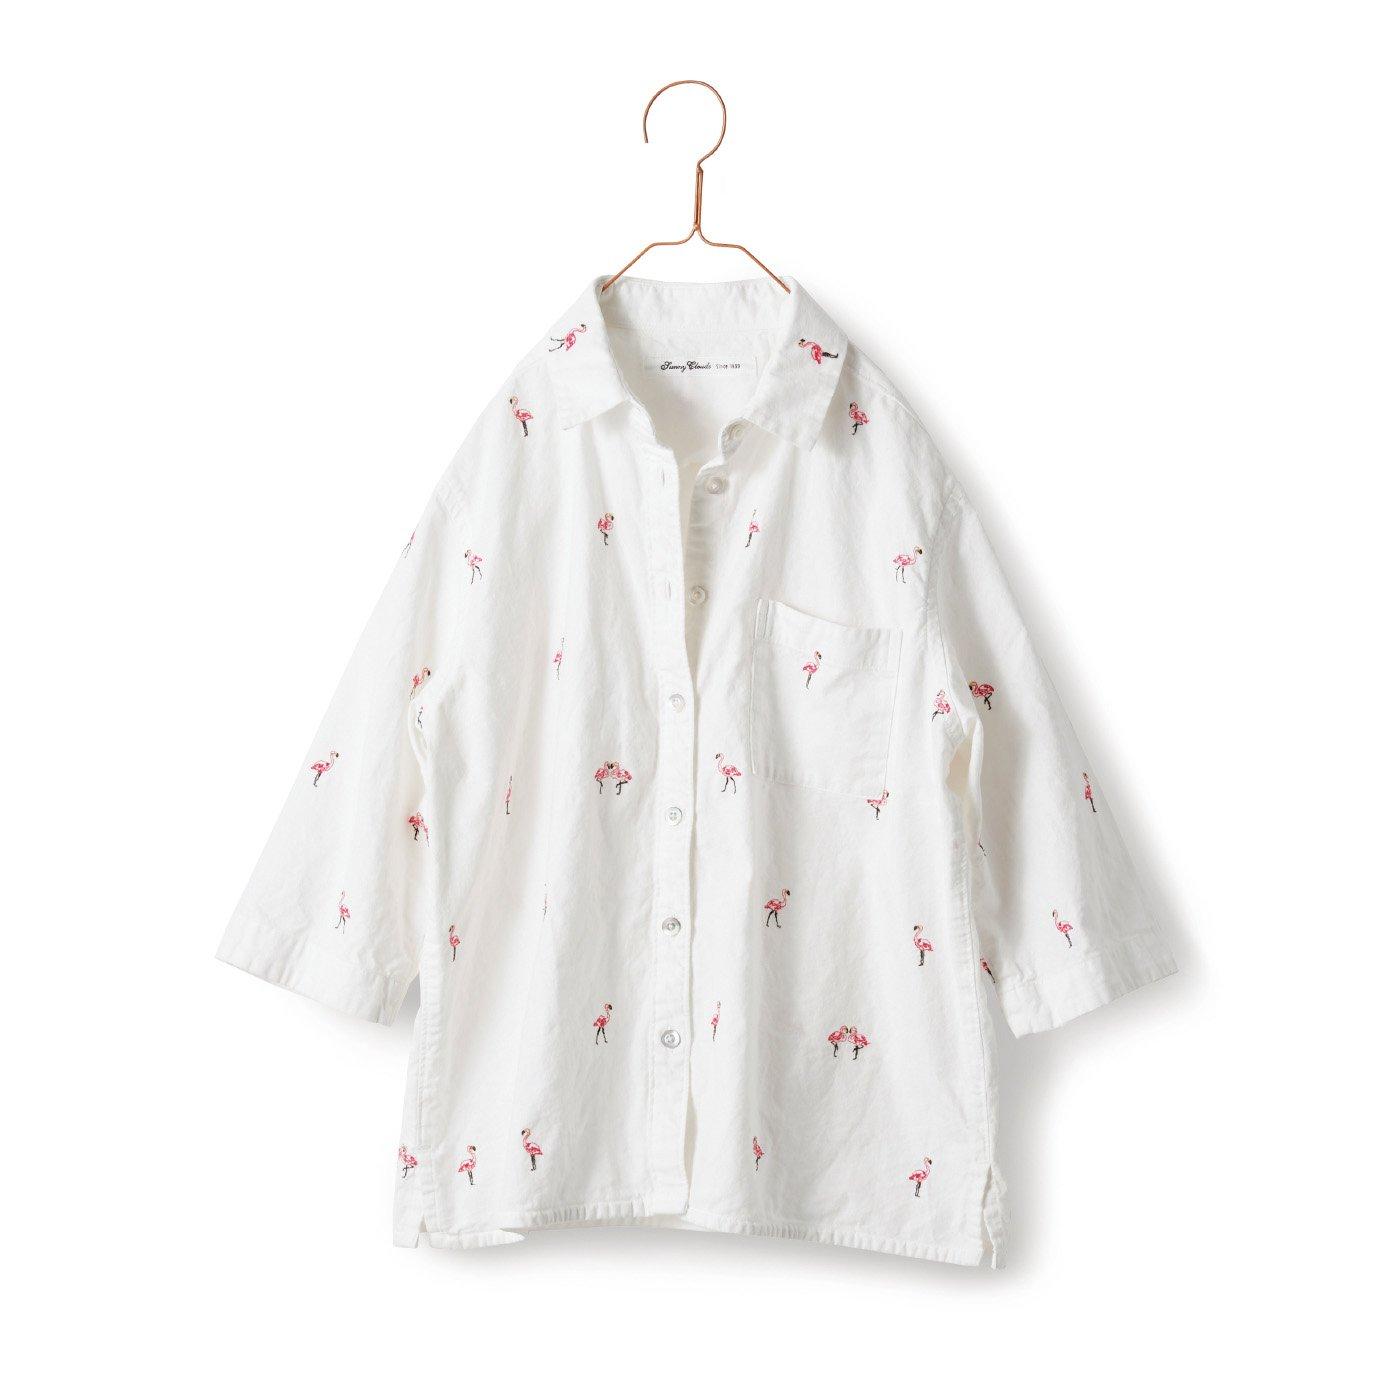 サニークラウズ ご陽気フラミンゴシャツ〈レディース〉白